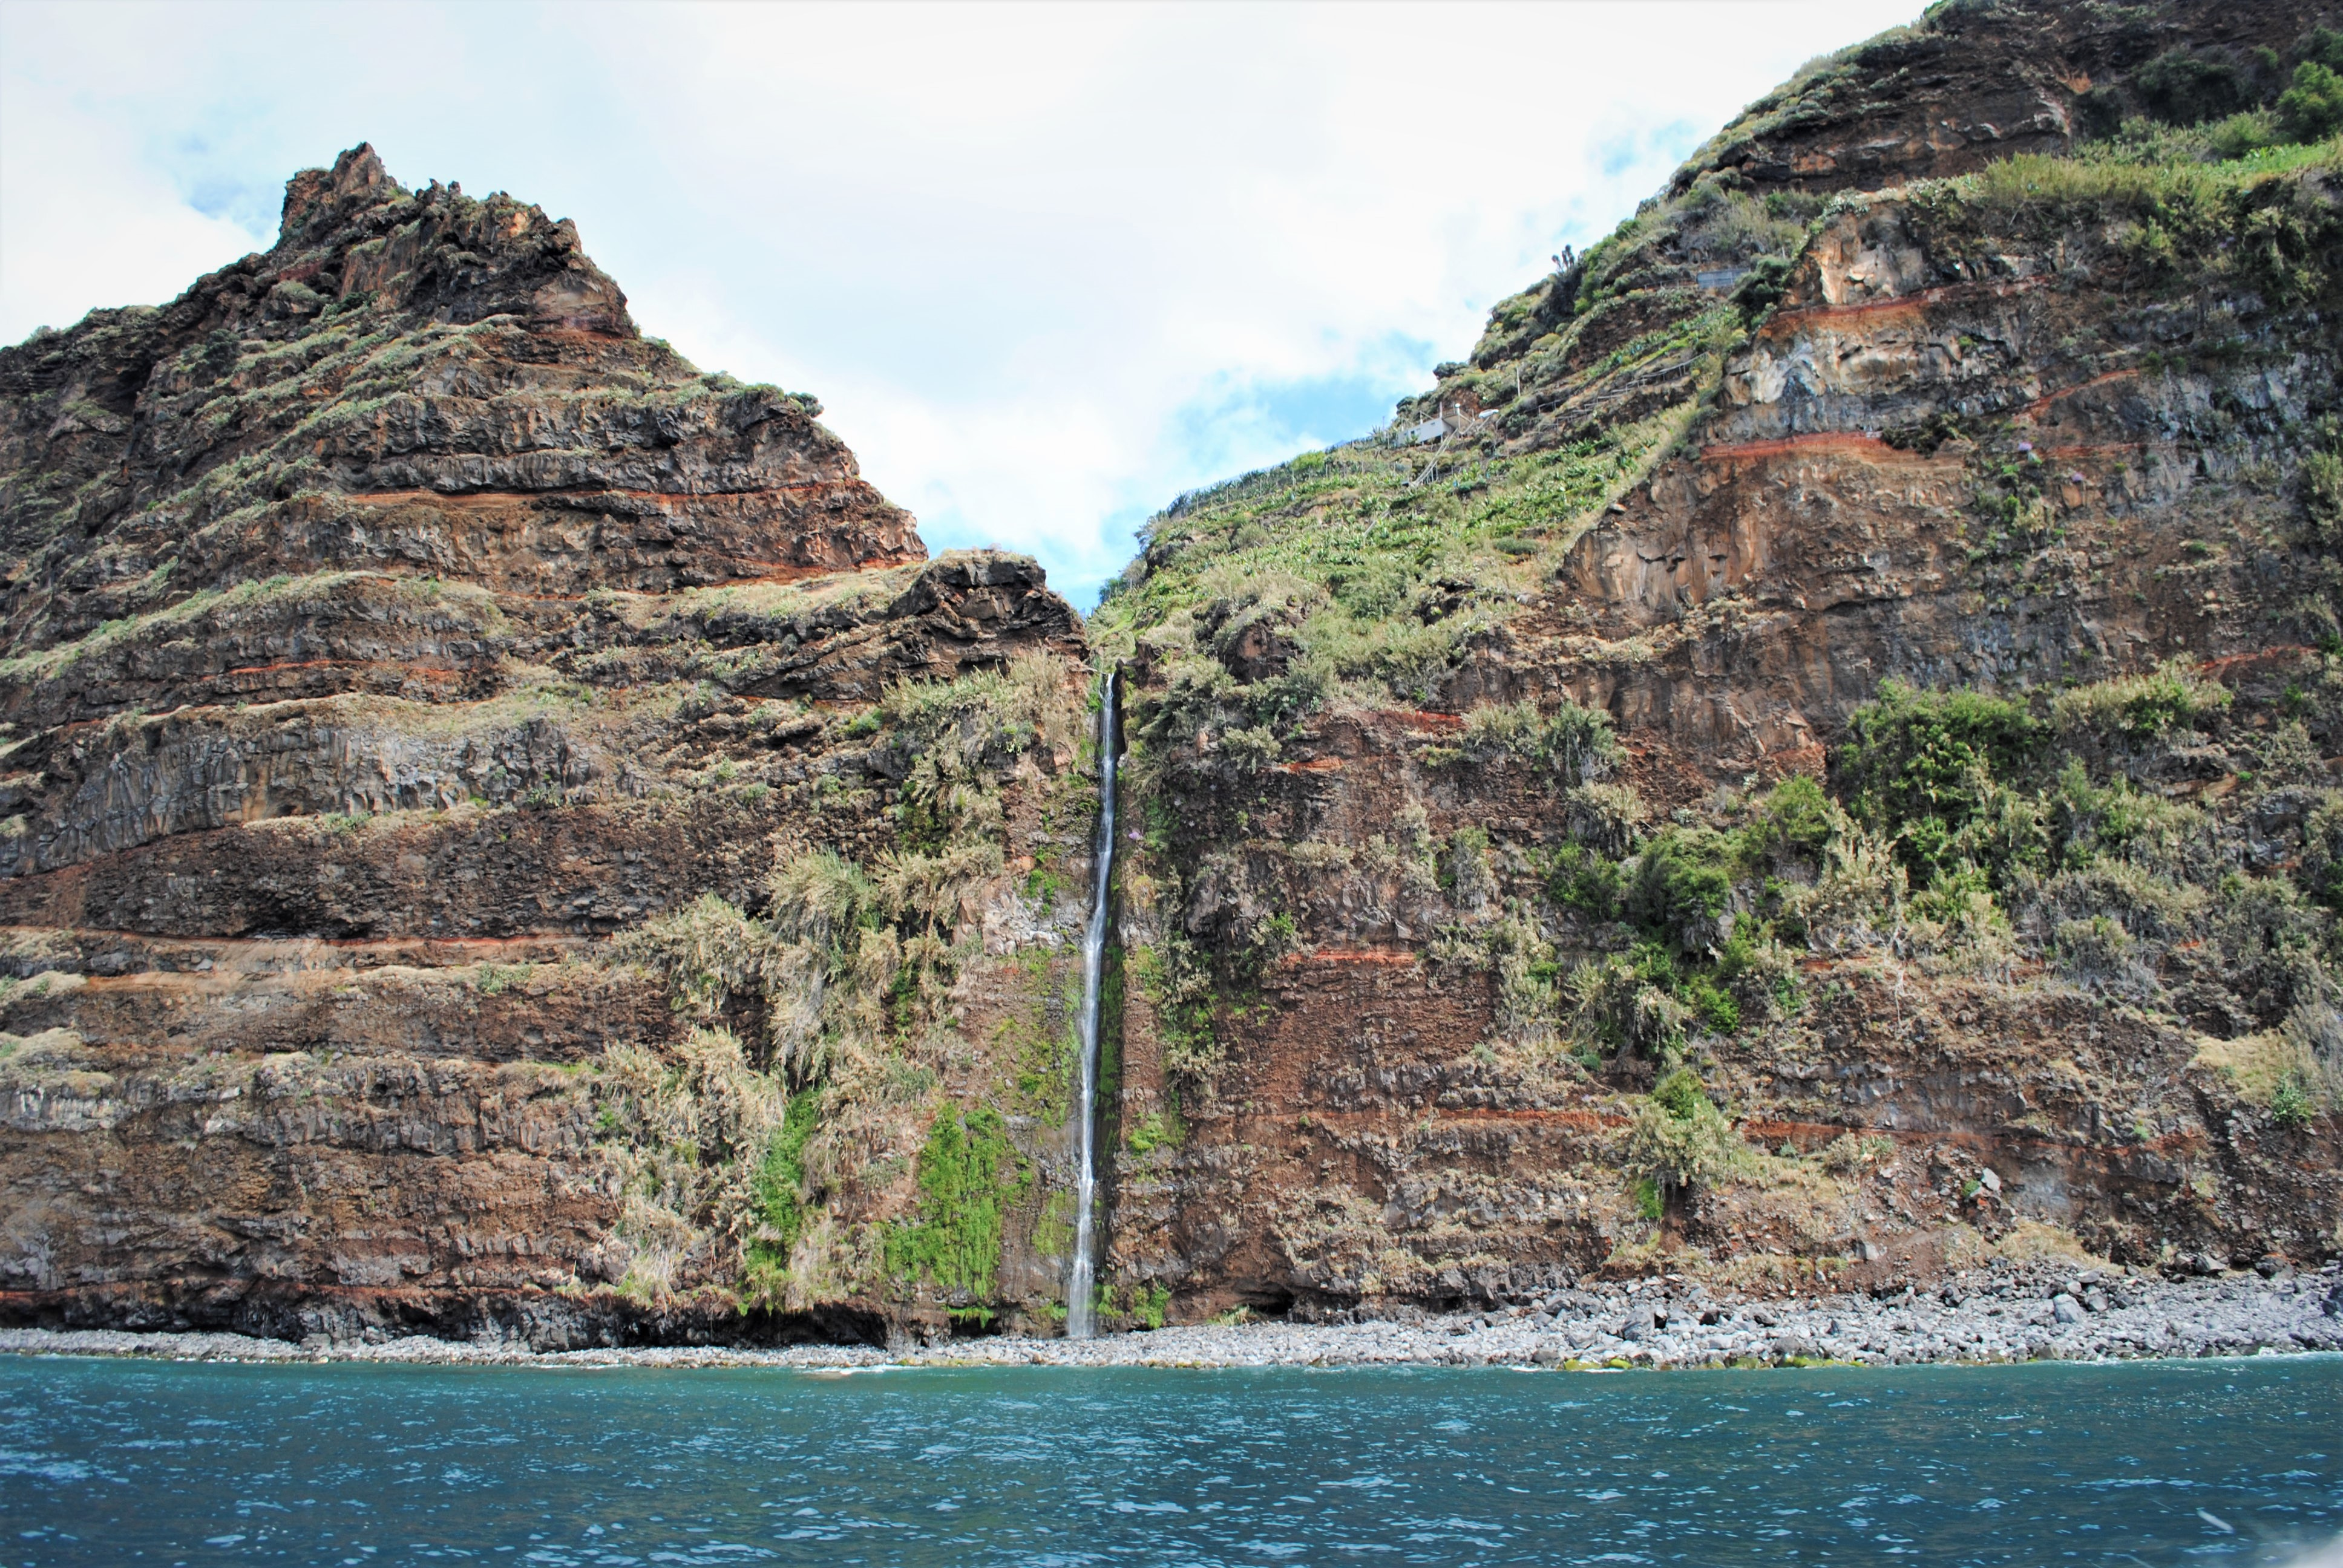 Razgled s čolna na kifasto obalo (H20 Madeira)